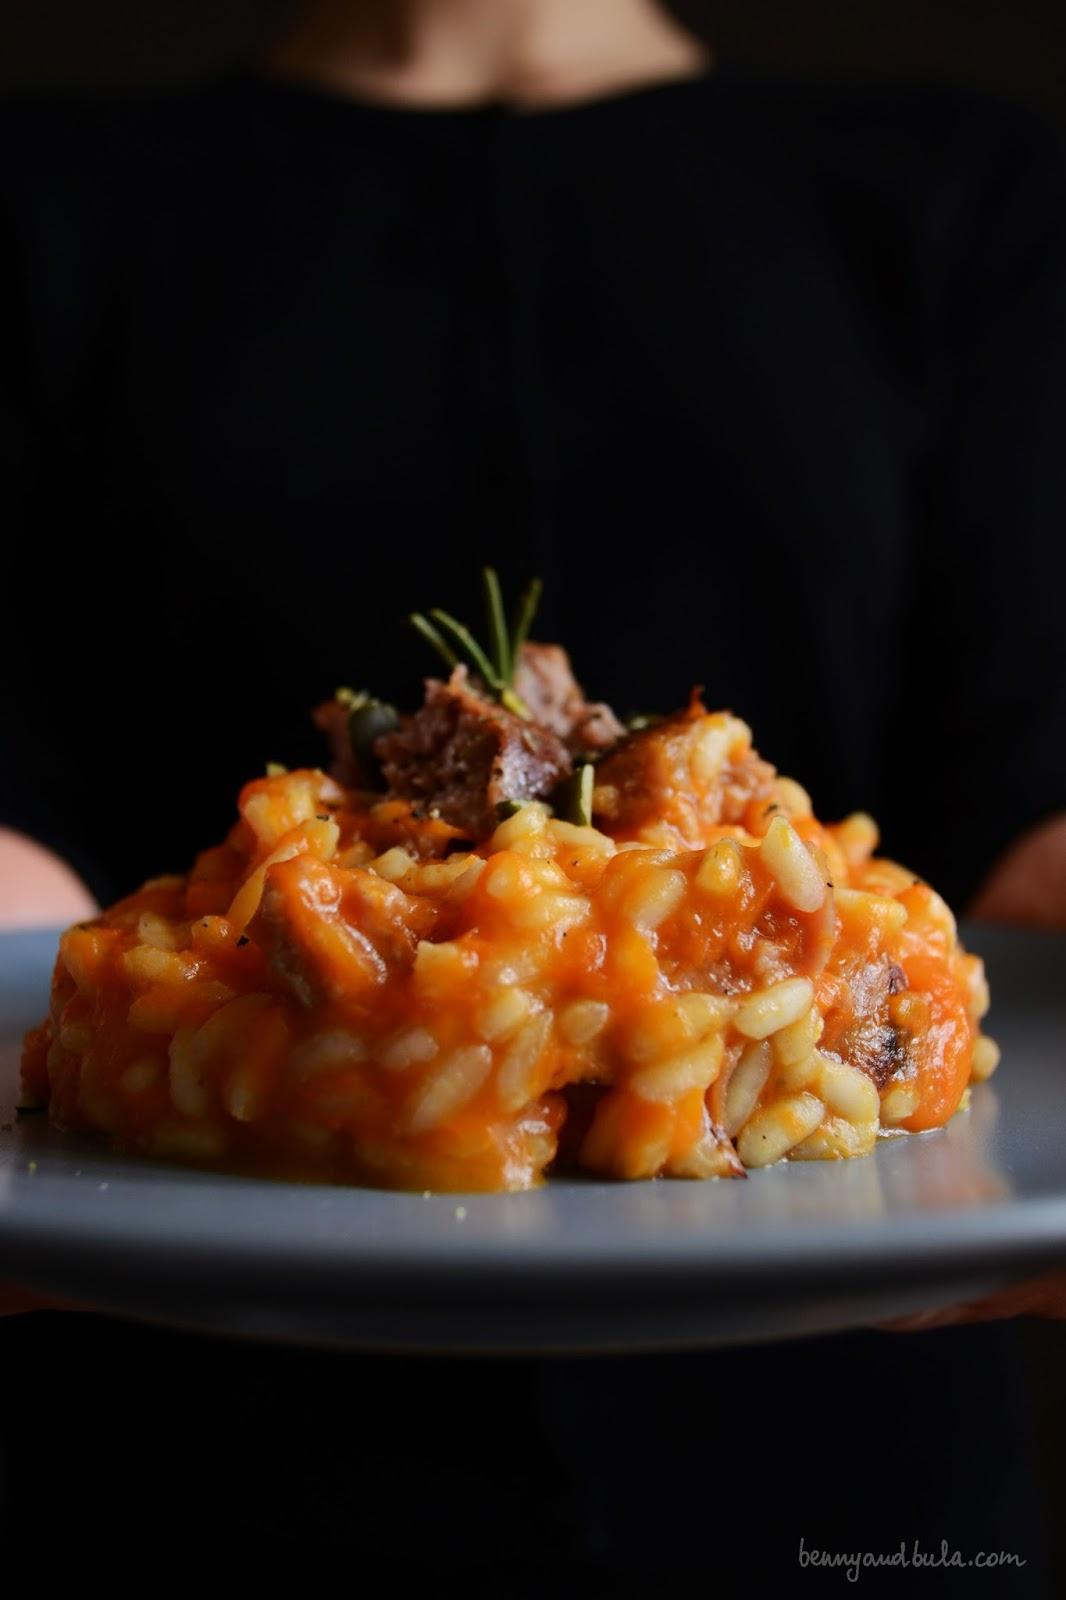 ricetta risotto zucca e salsiccia/ pumkin and sausage risotto recipe